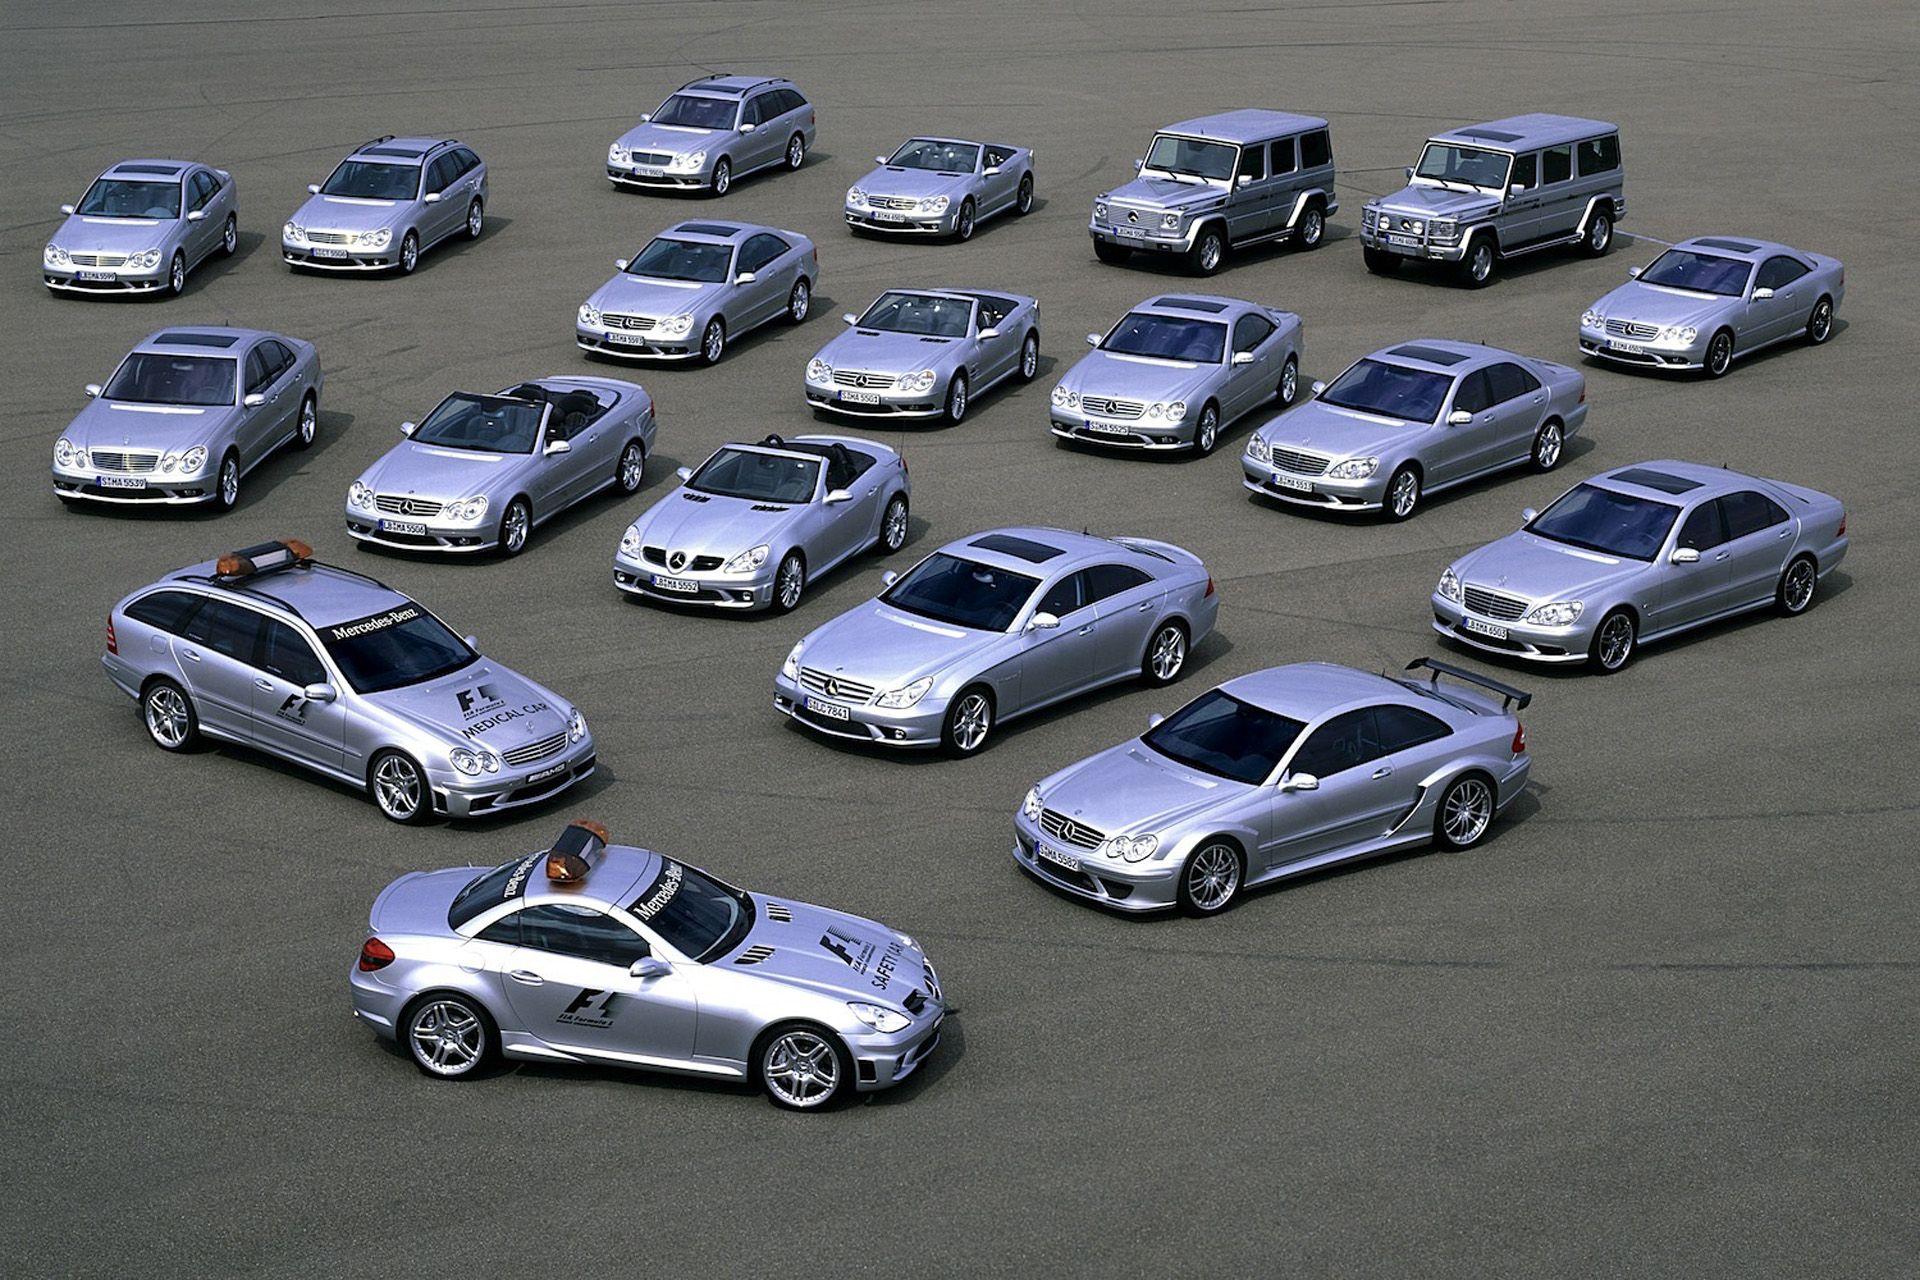 2004 mercedes benz amg models lineup mercedes benz slk mercedes benz models mercedes benz 2010 2004 mercedes benz amg models lineup